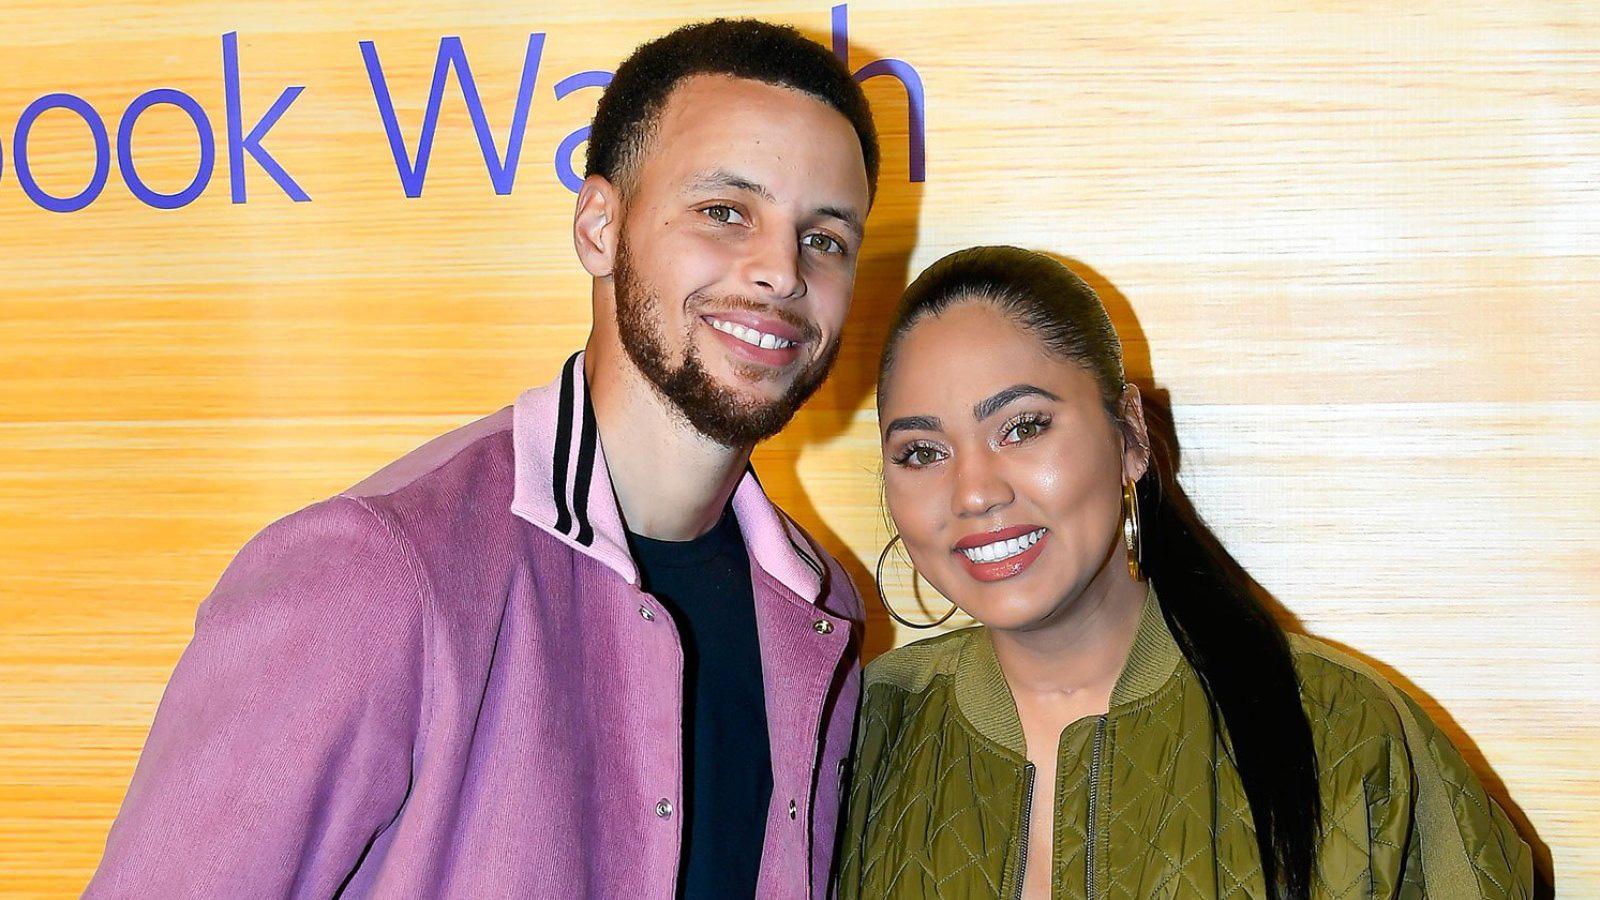 Ngôi sao bóng rổ Stephen Curry và câu chuyện tình cọc đi tìm trâu kéo dài hơn một thập kỷ khiến ai cũng phải ao ước - Ảnh 4.